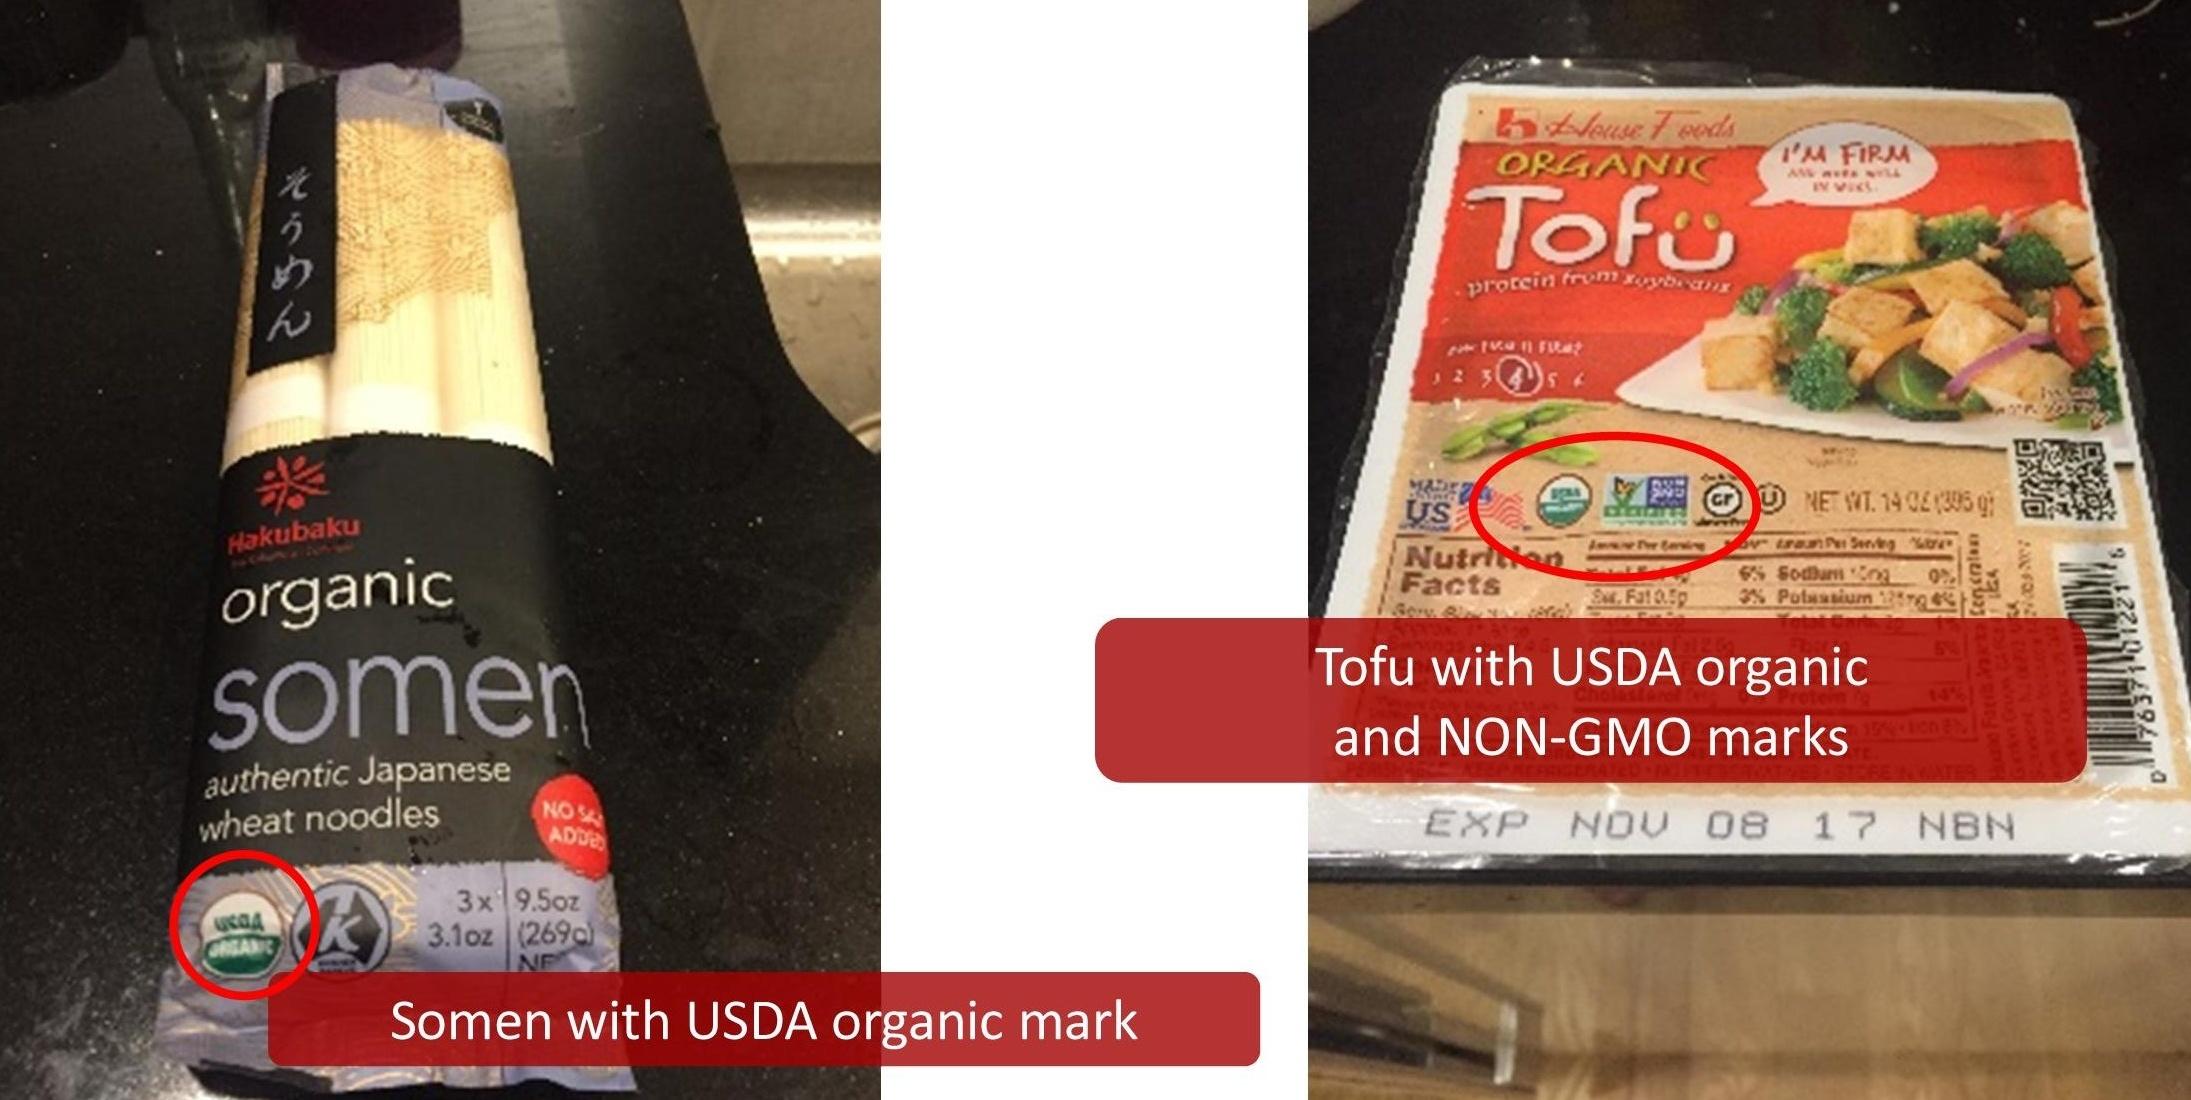 somen_and_tofu.jpg